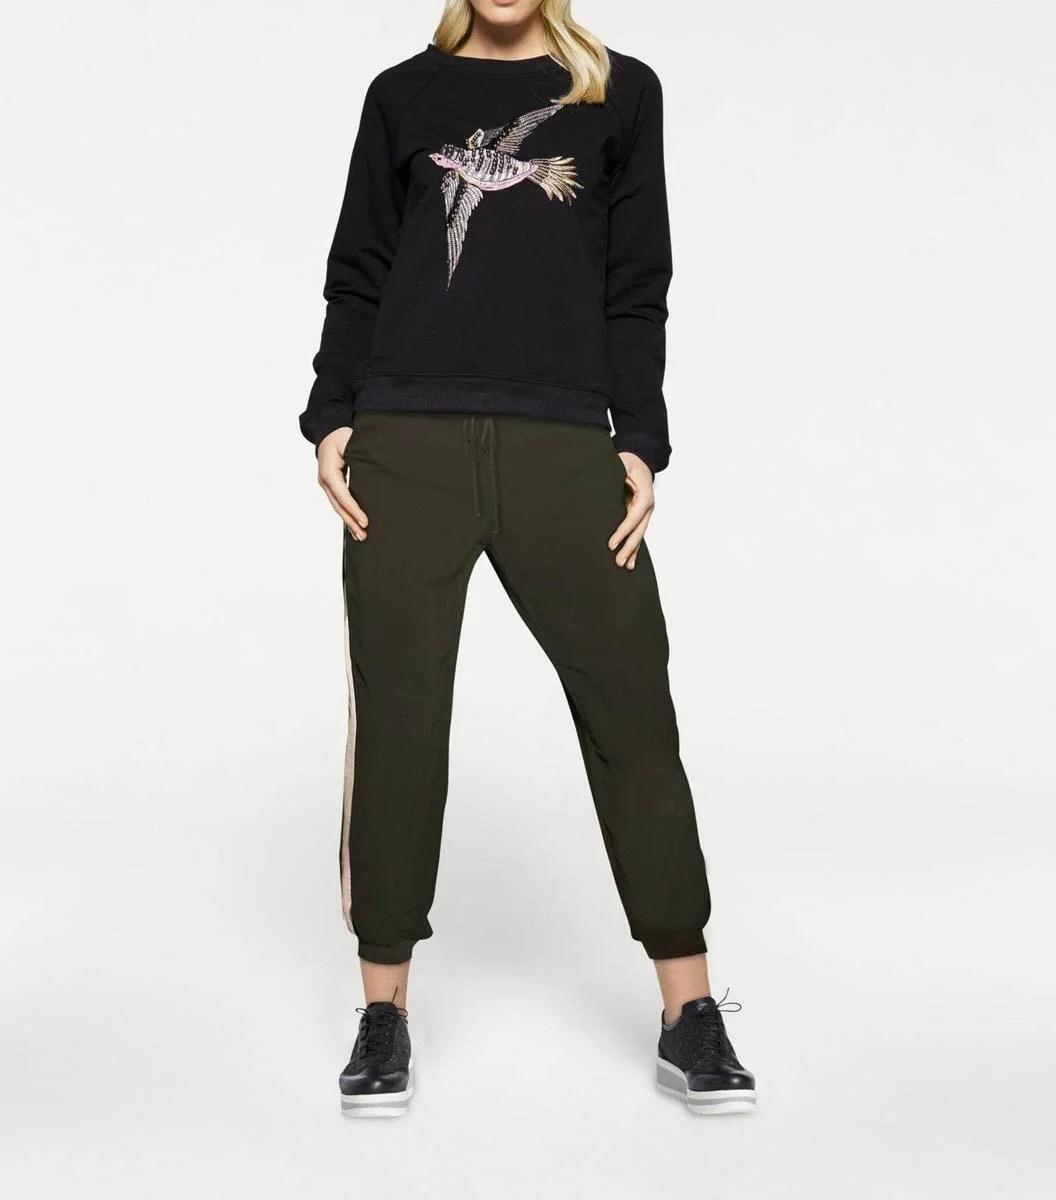 042.021 RICK CARDONA Damen Designer-Sweatshirt m. Perlen Schwarz